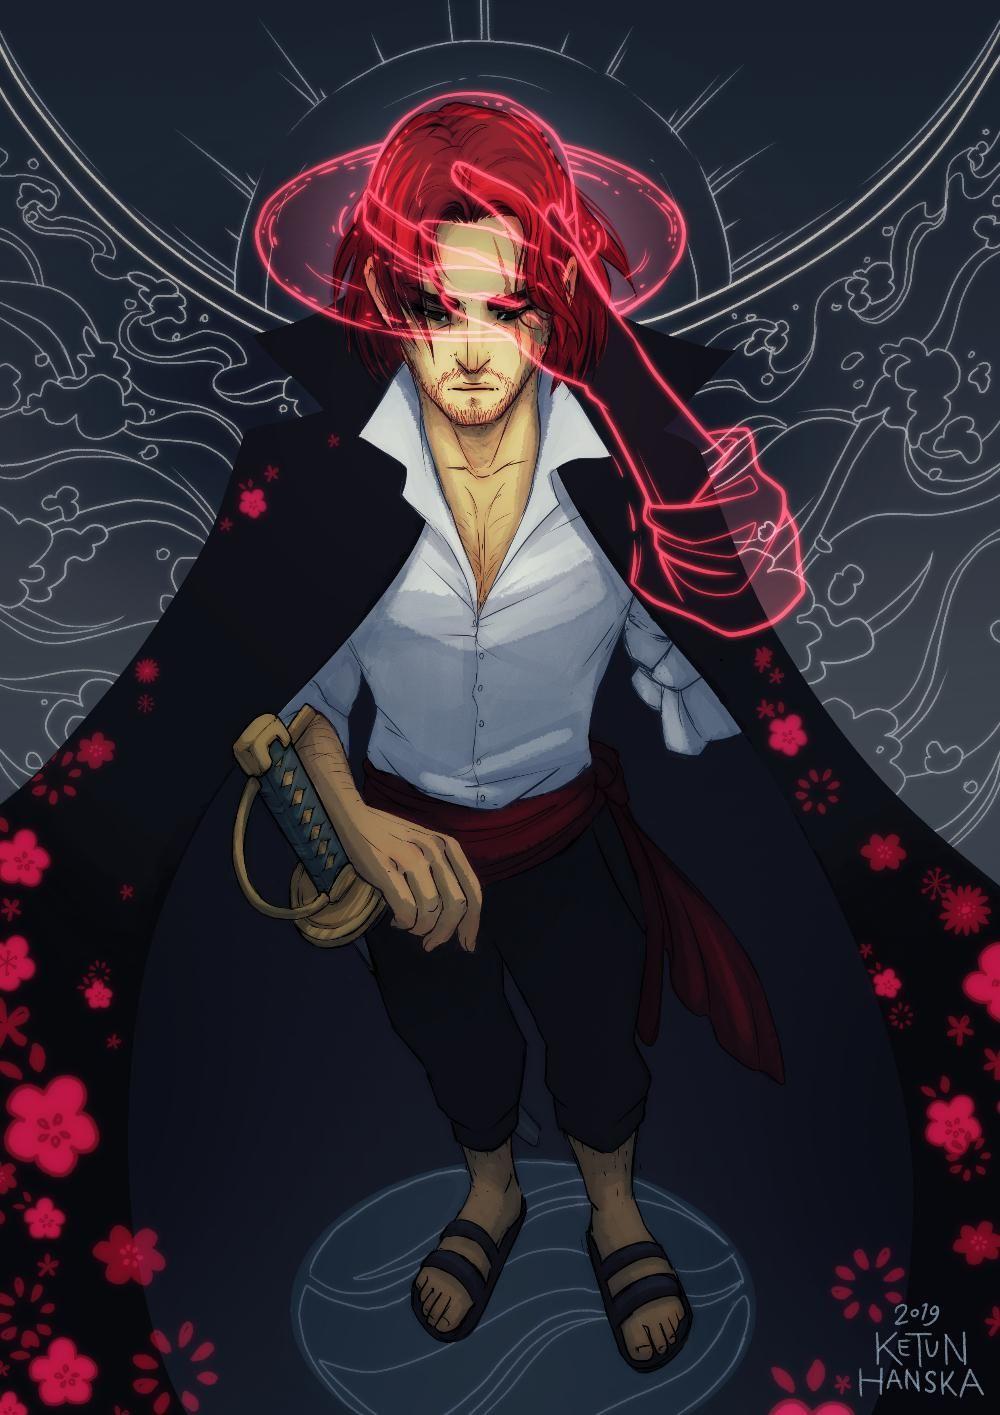 Art by komeetta on reddit Anime, Fan art, One piece series